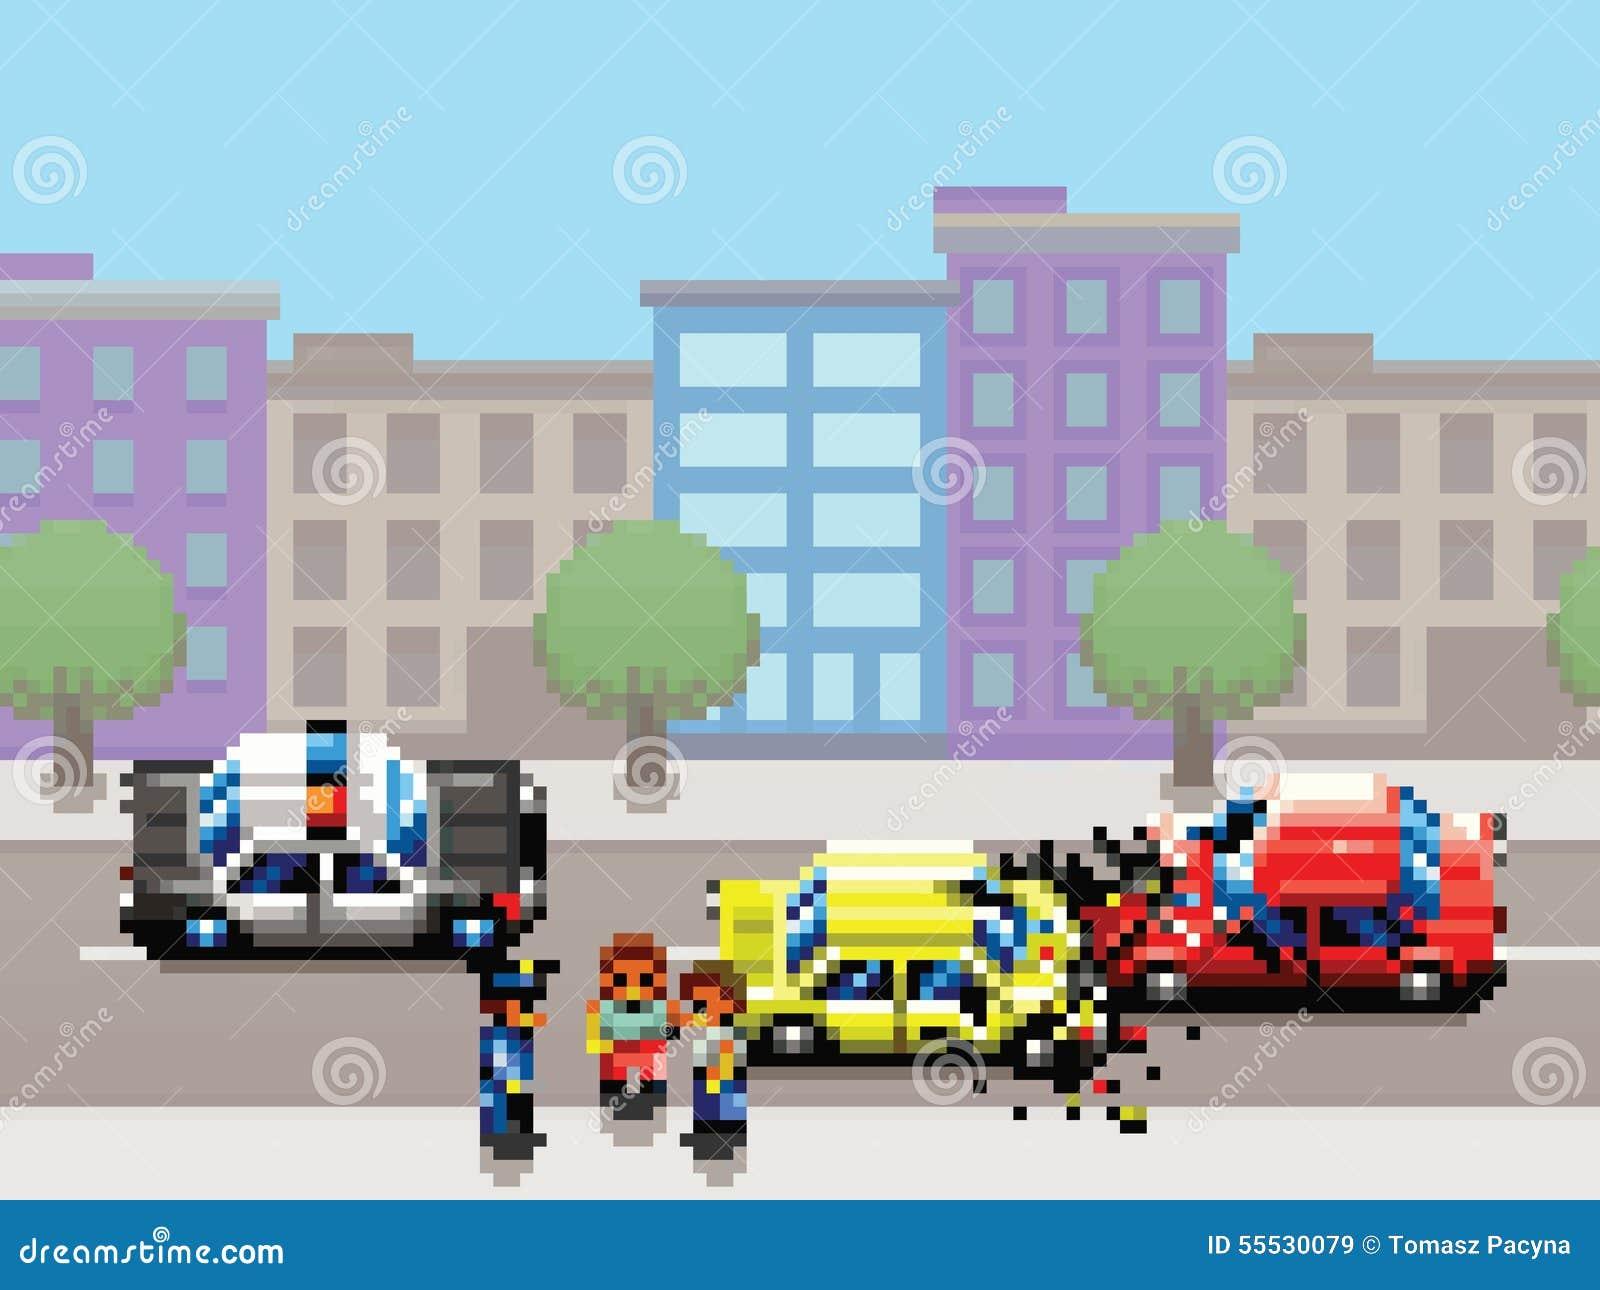 la collision de voiture de ville la voiture de police et le jeu d 39 art de pixel de personnes. Black Bedroom Furniture Sets. Home Design Ideas